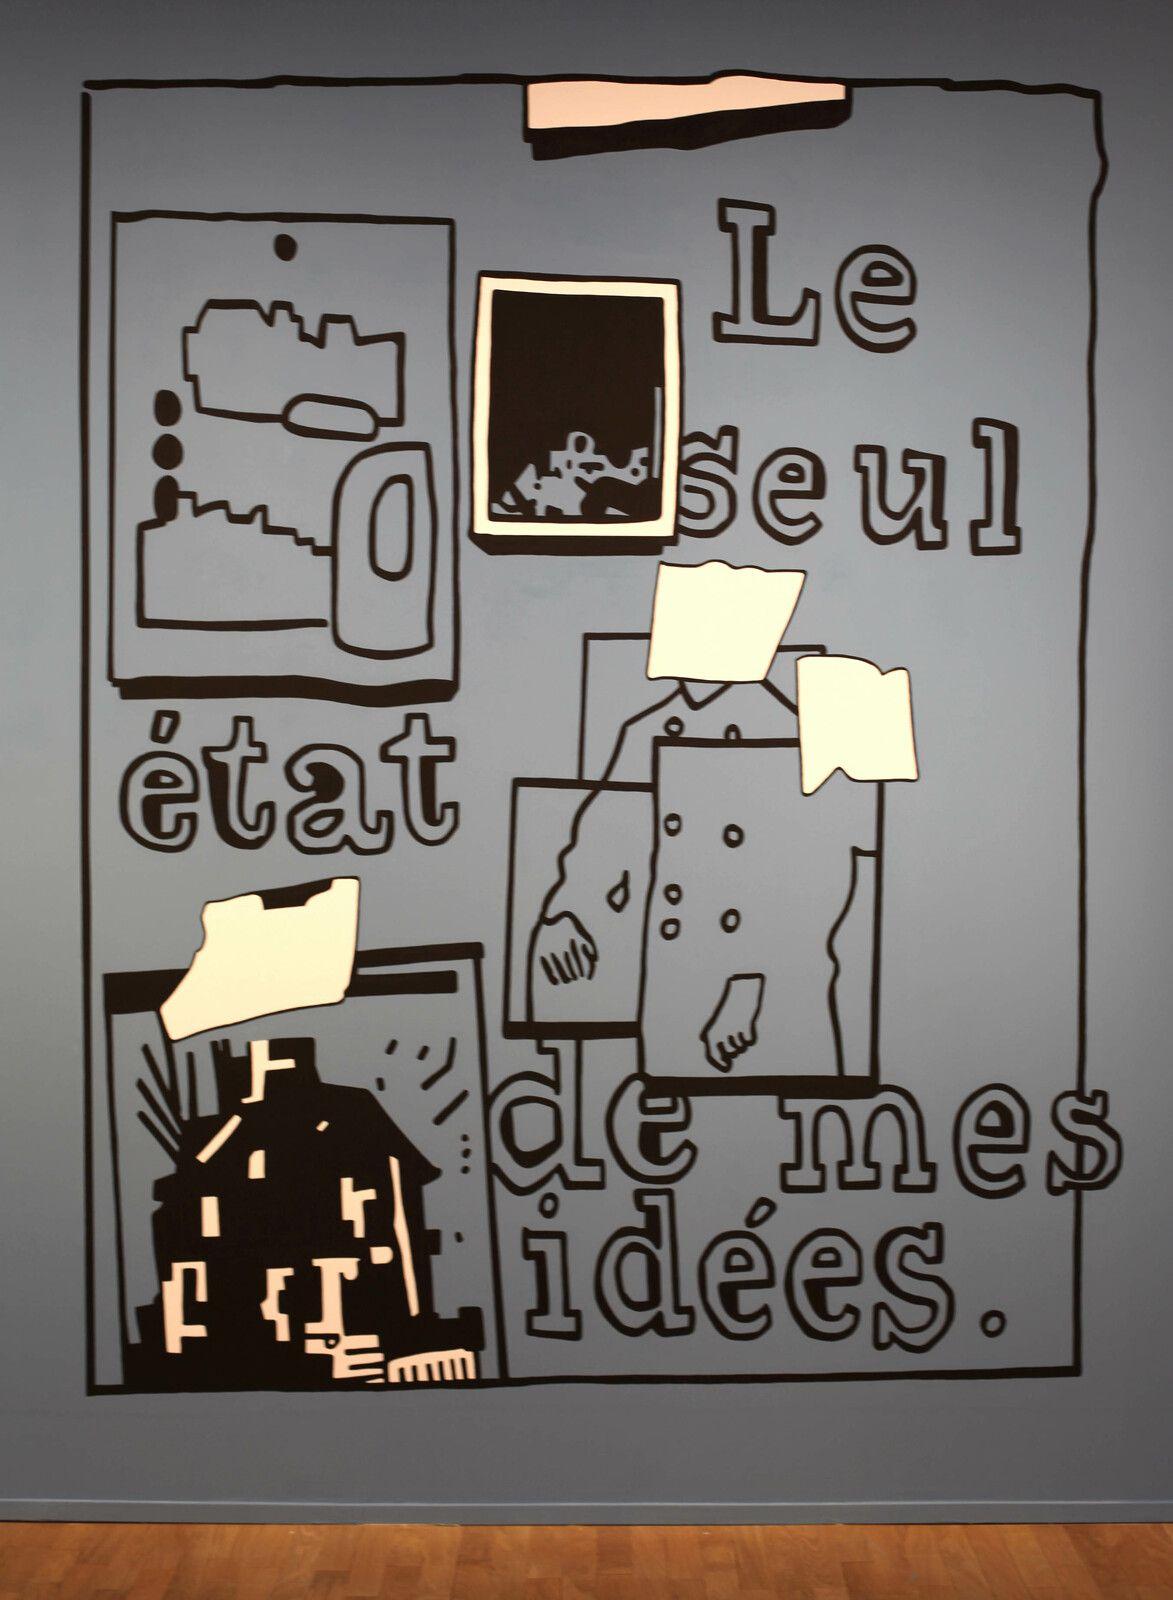 """""""Le seul état de mes idées"""", 2021 de Jean-Michel ALBEROLA - Courtesy de l'artiste et de la galerie Templon Paris  © Photo Éric Simon"""